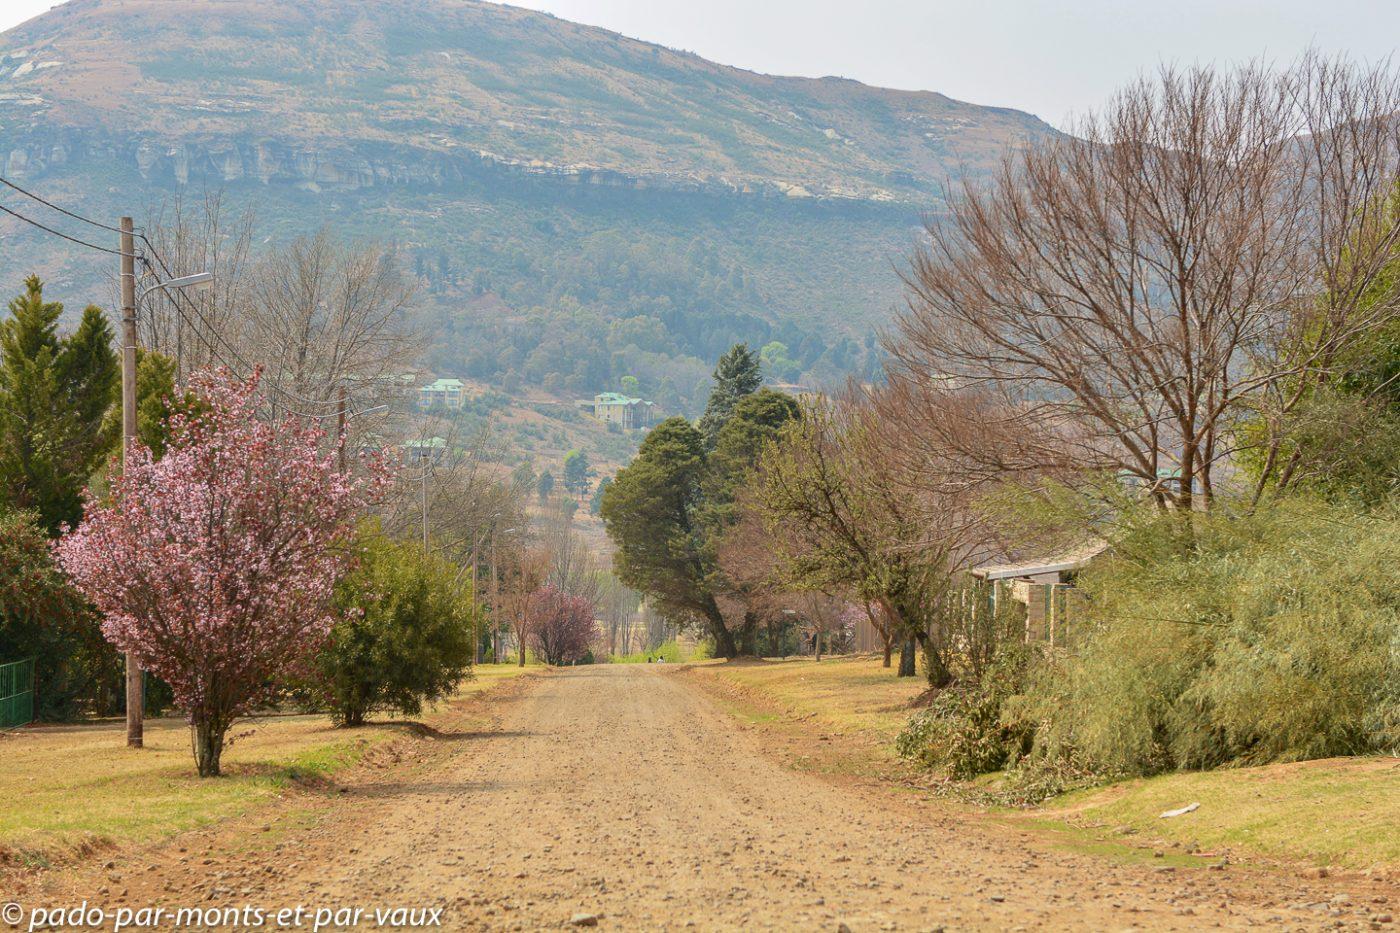 Afrique du Sud - Clarens